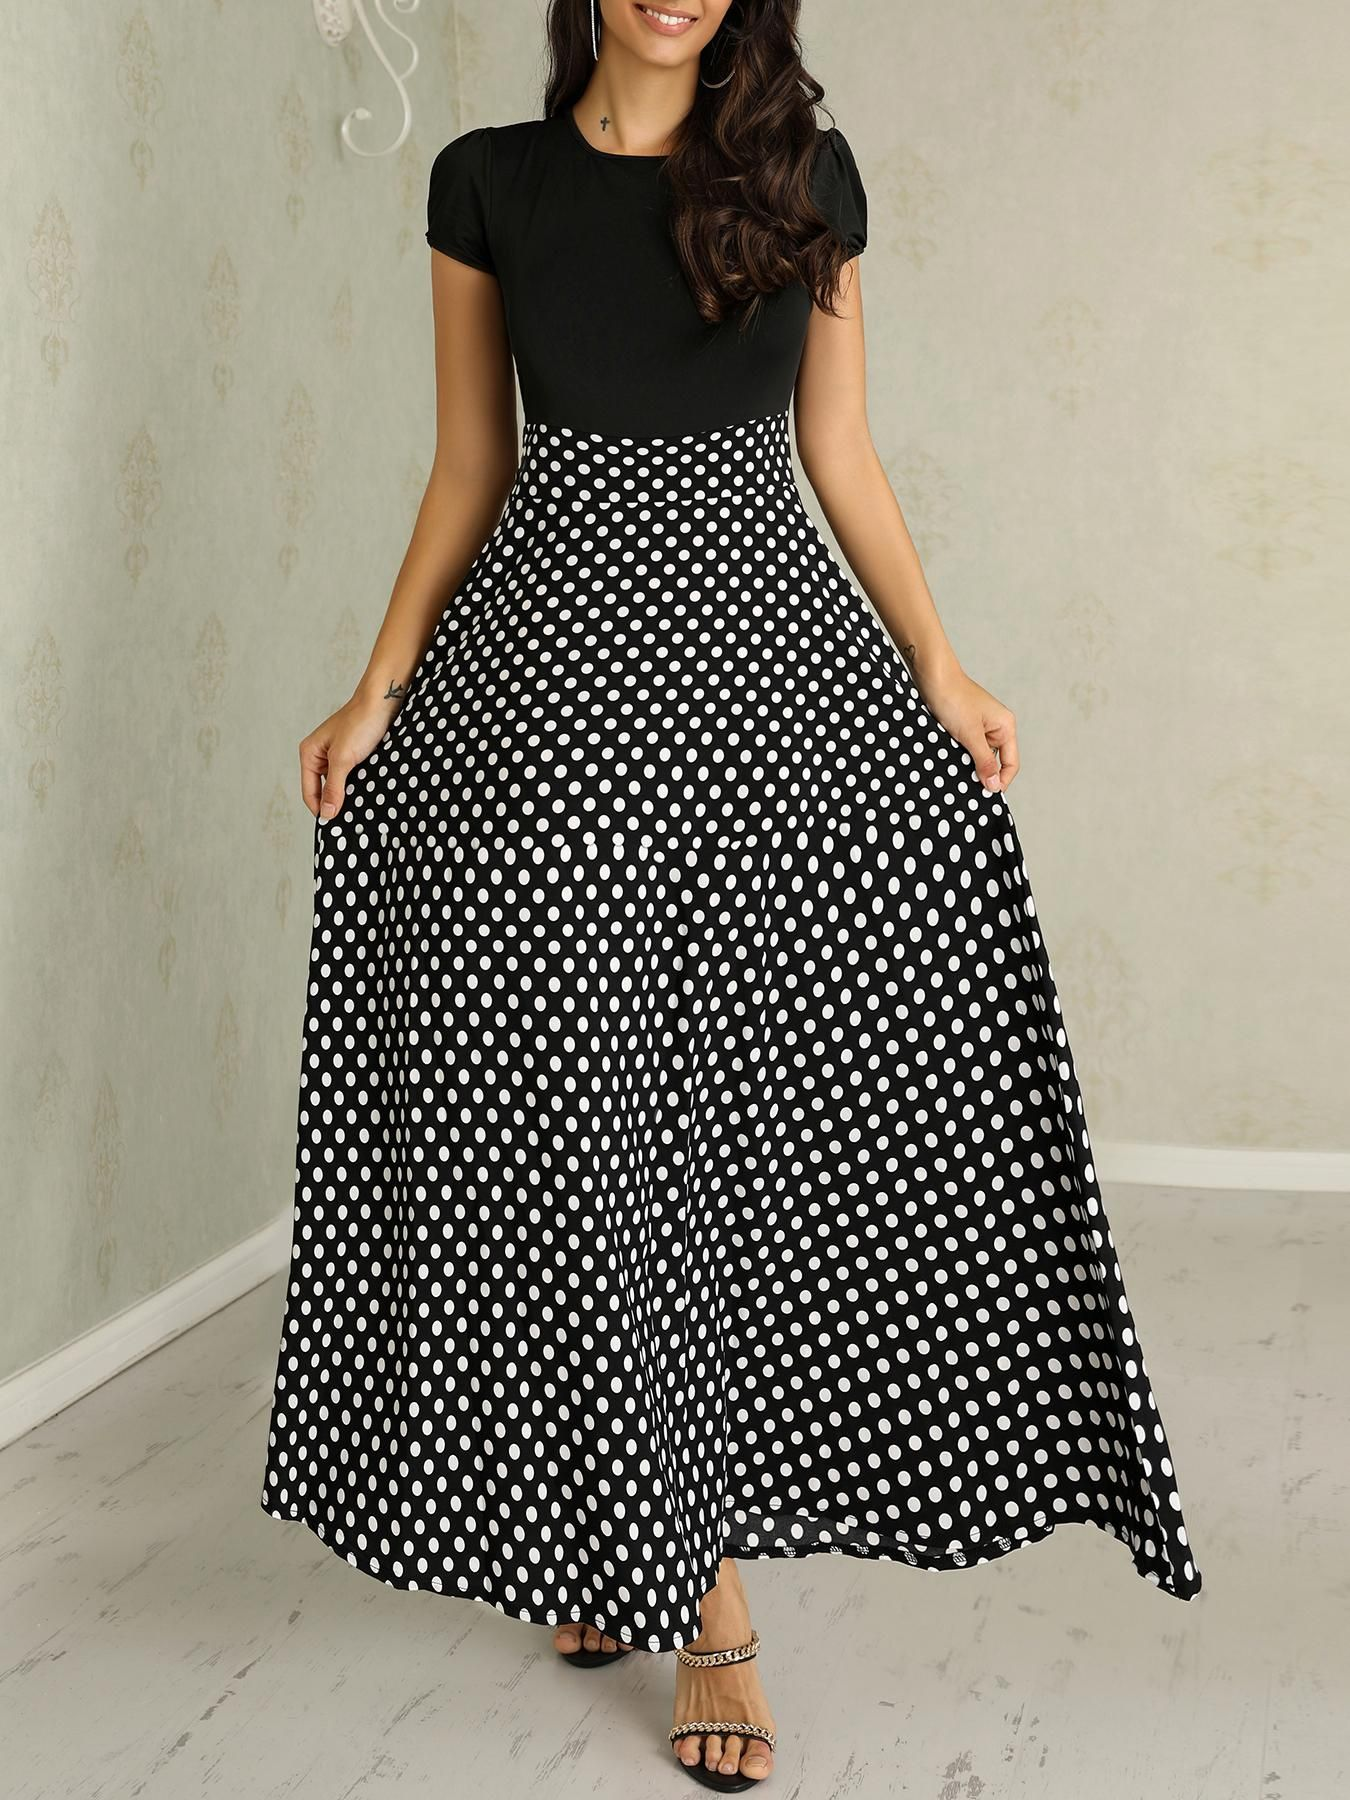 Short Sleeve Polka Dots Print Patchwork Maxi Dress Short Sleeve Polka Dots Print Patchwork Maxi Dress,